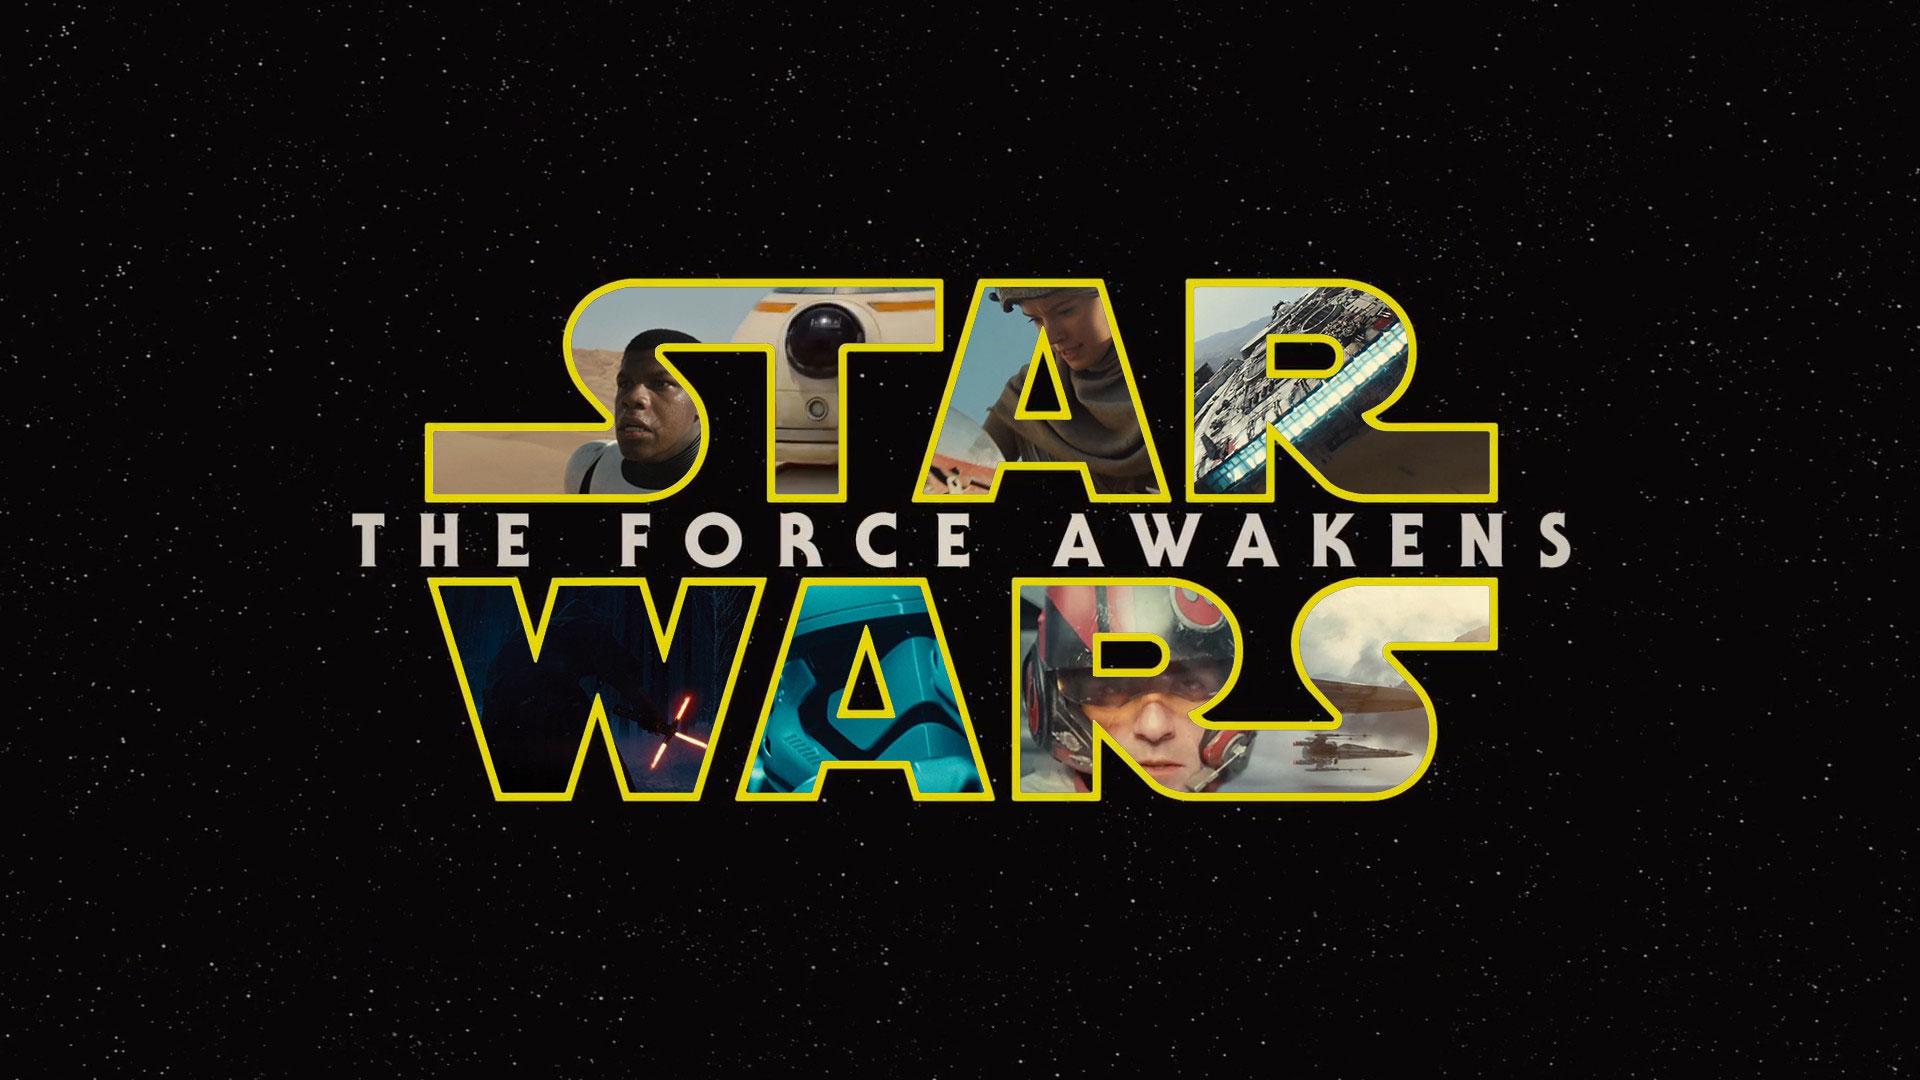 Star Wars The Force Awakens Character Rumors Nerd Underground 1920x1080